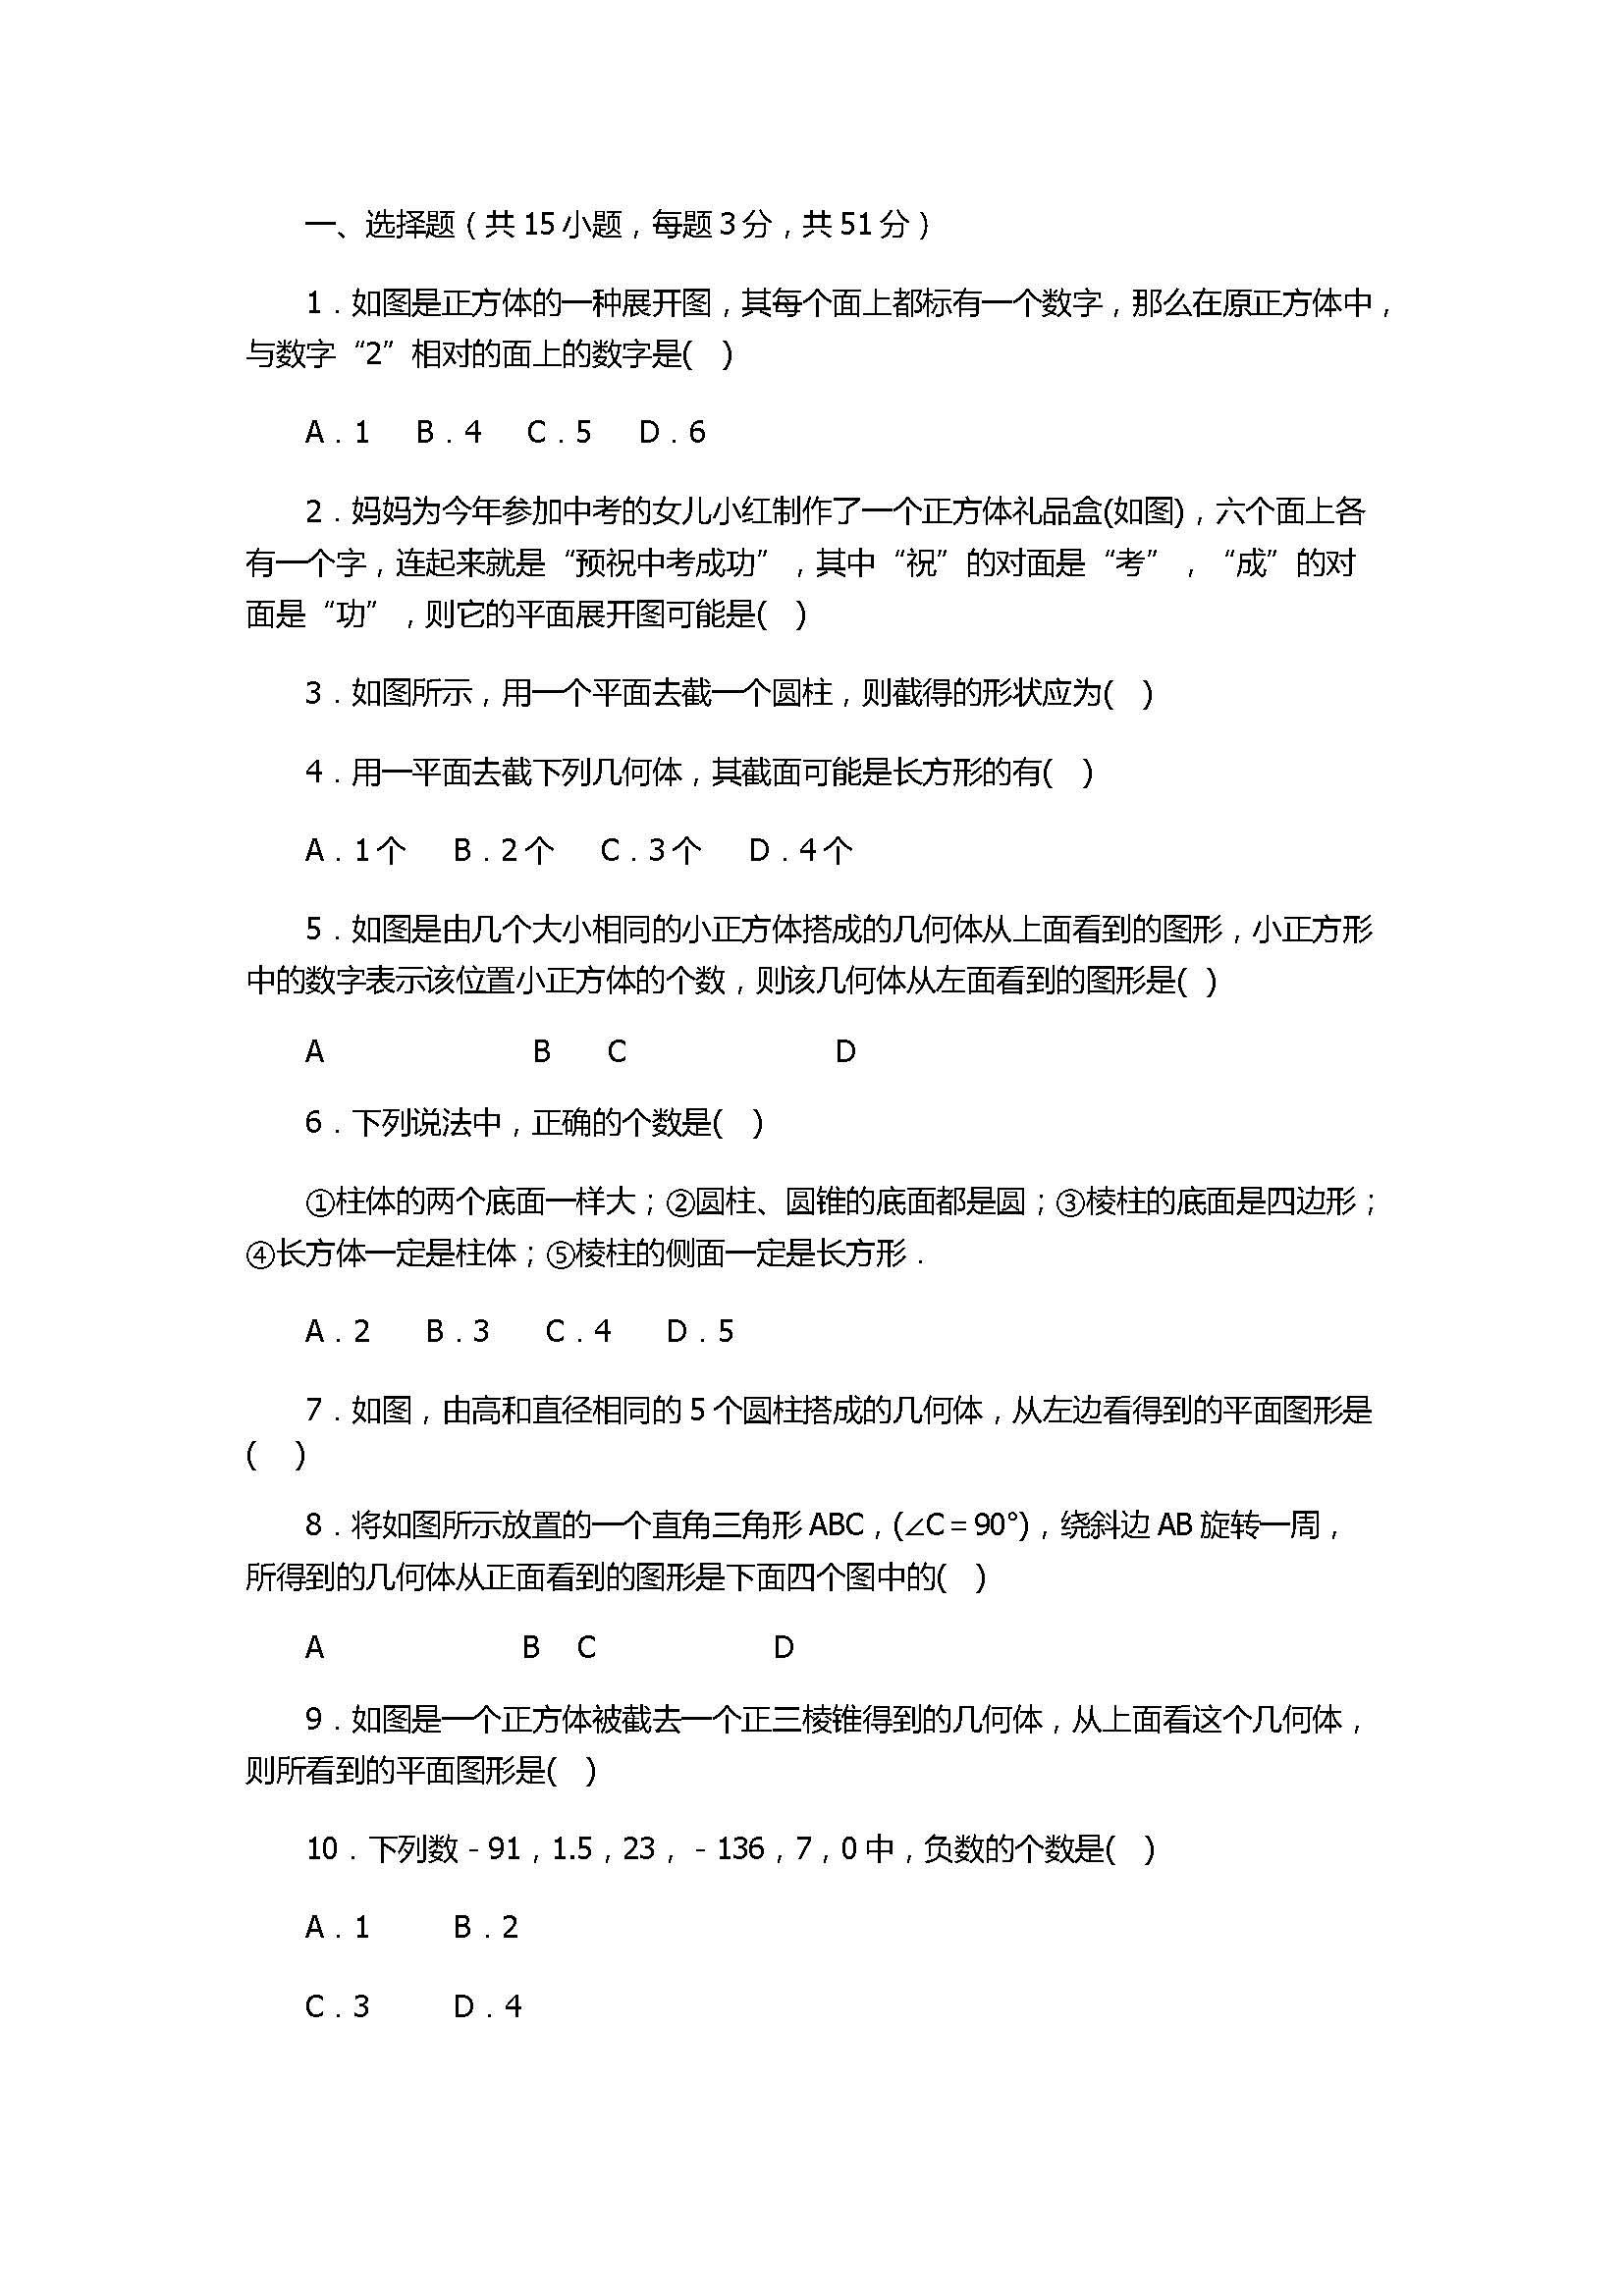 2017七年级数学上册月考测试题附参考答案(北师大版)